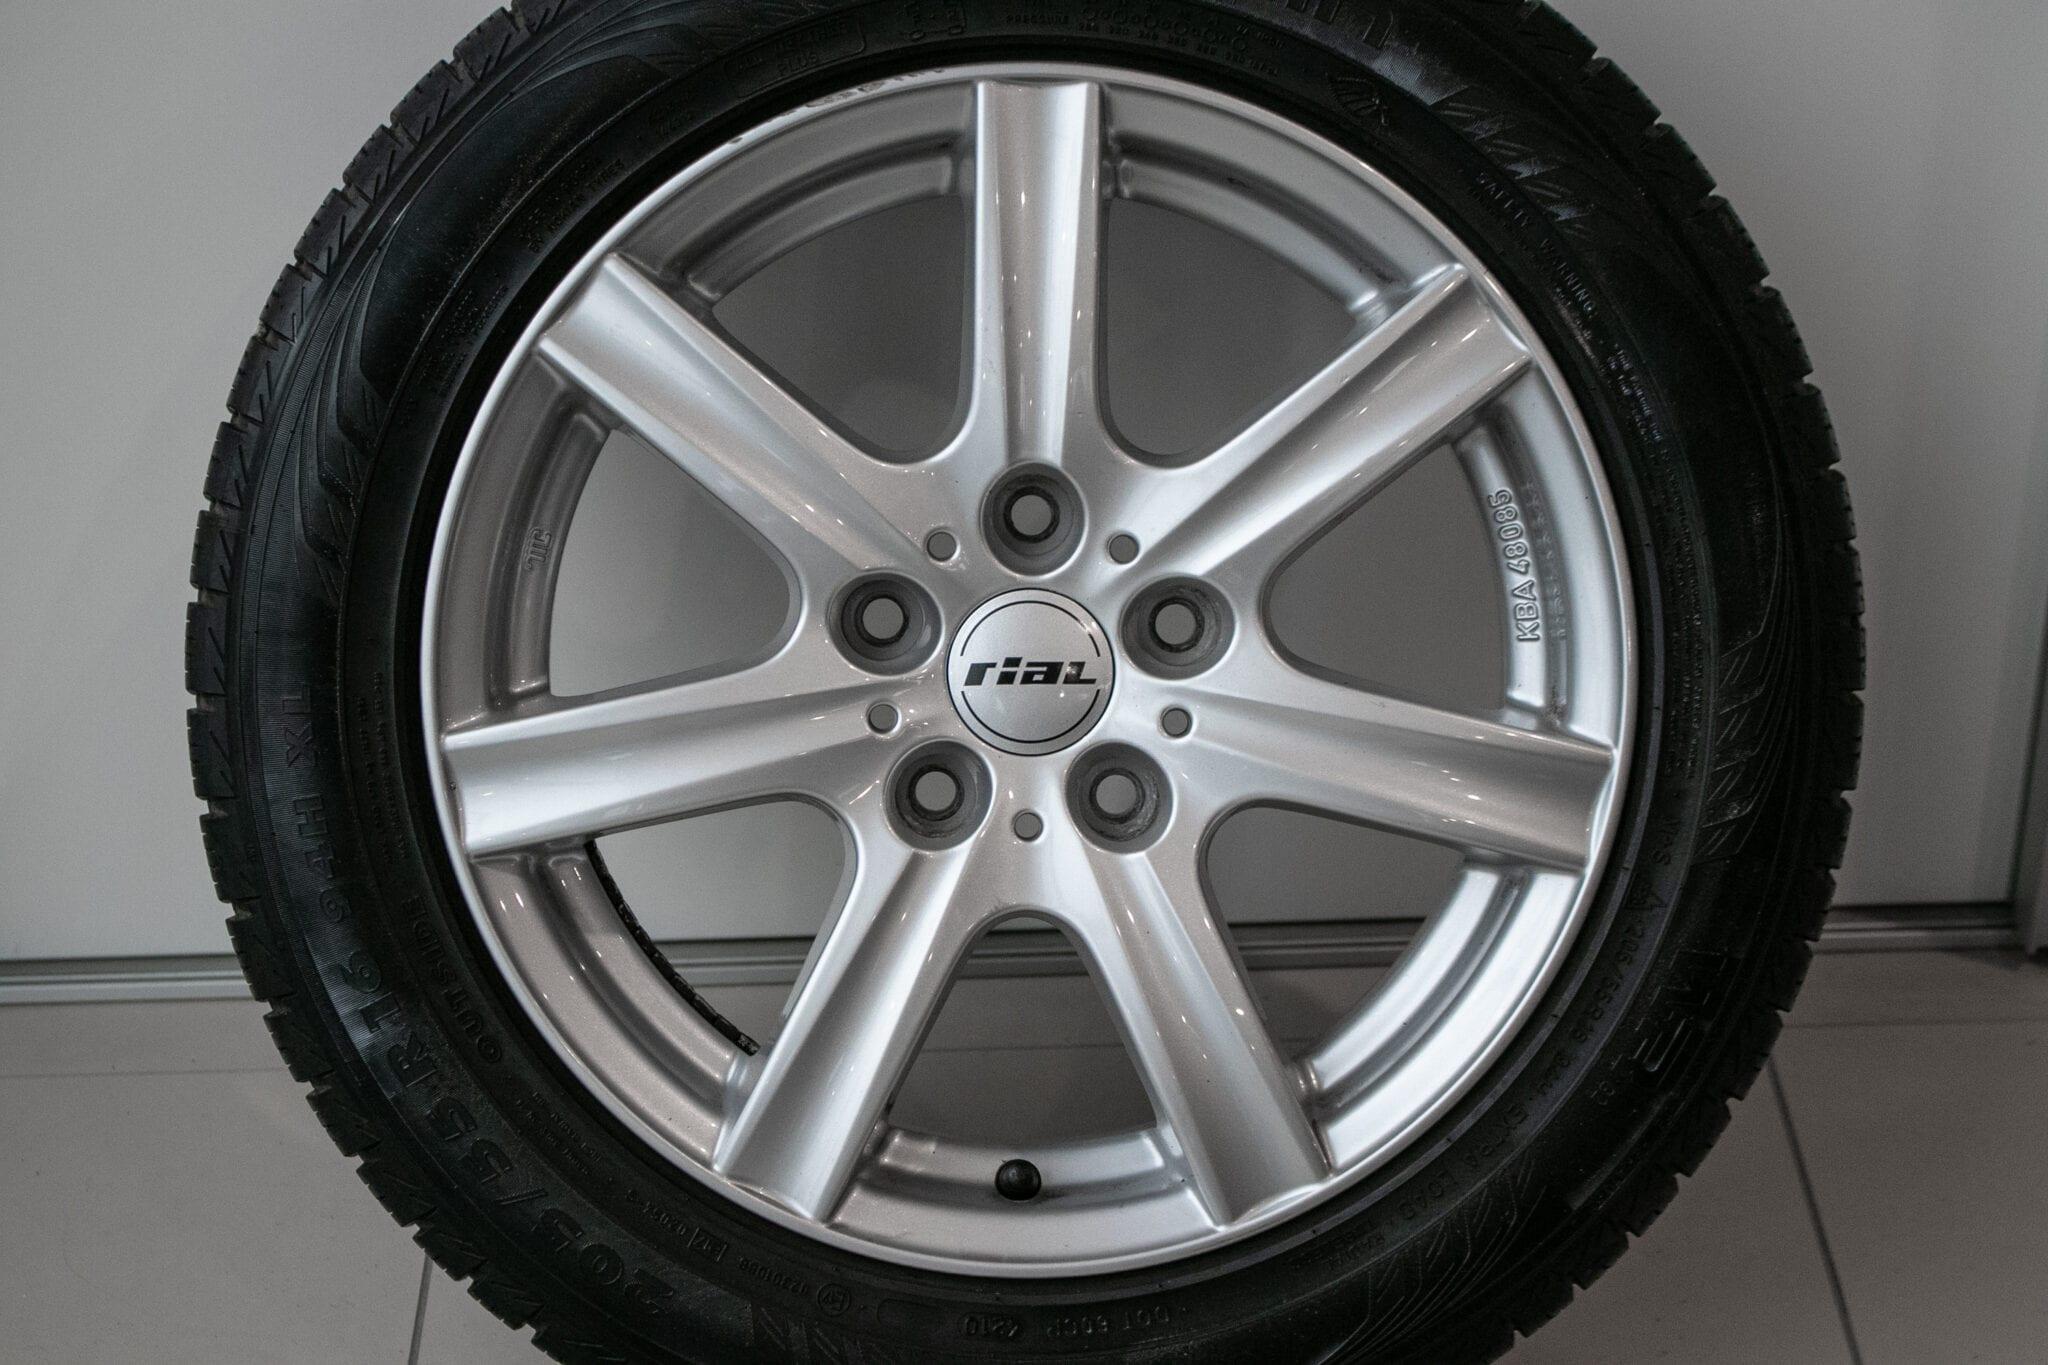 """16"""" Winterwielen voor de Honda Civic 5d Hybrid, de Honda FR-V en de Honda Accord €299,- Gebruikt. Profieldiepte: 5mm - 5.5mm"""